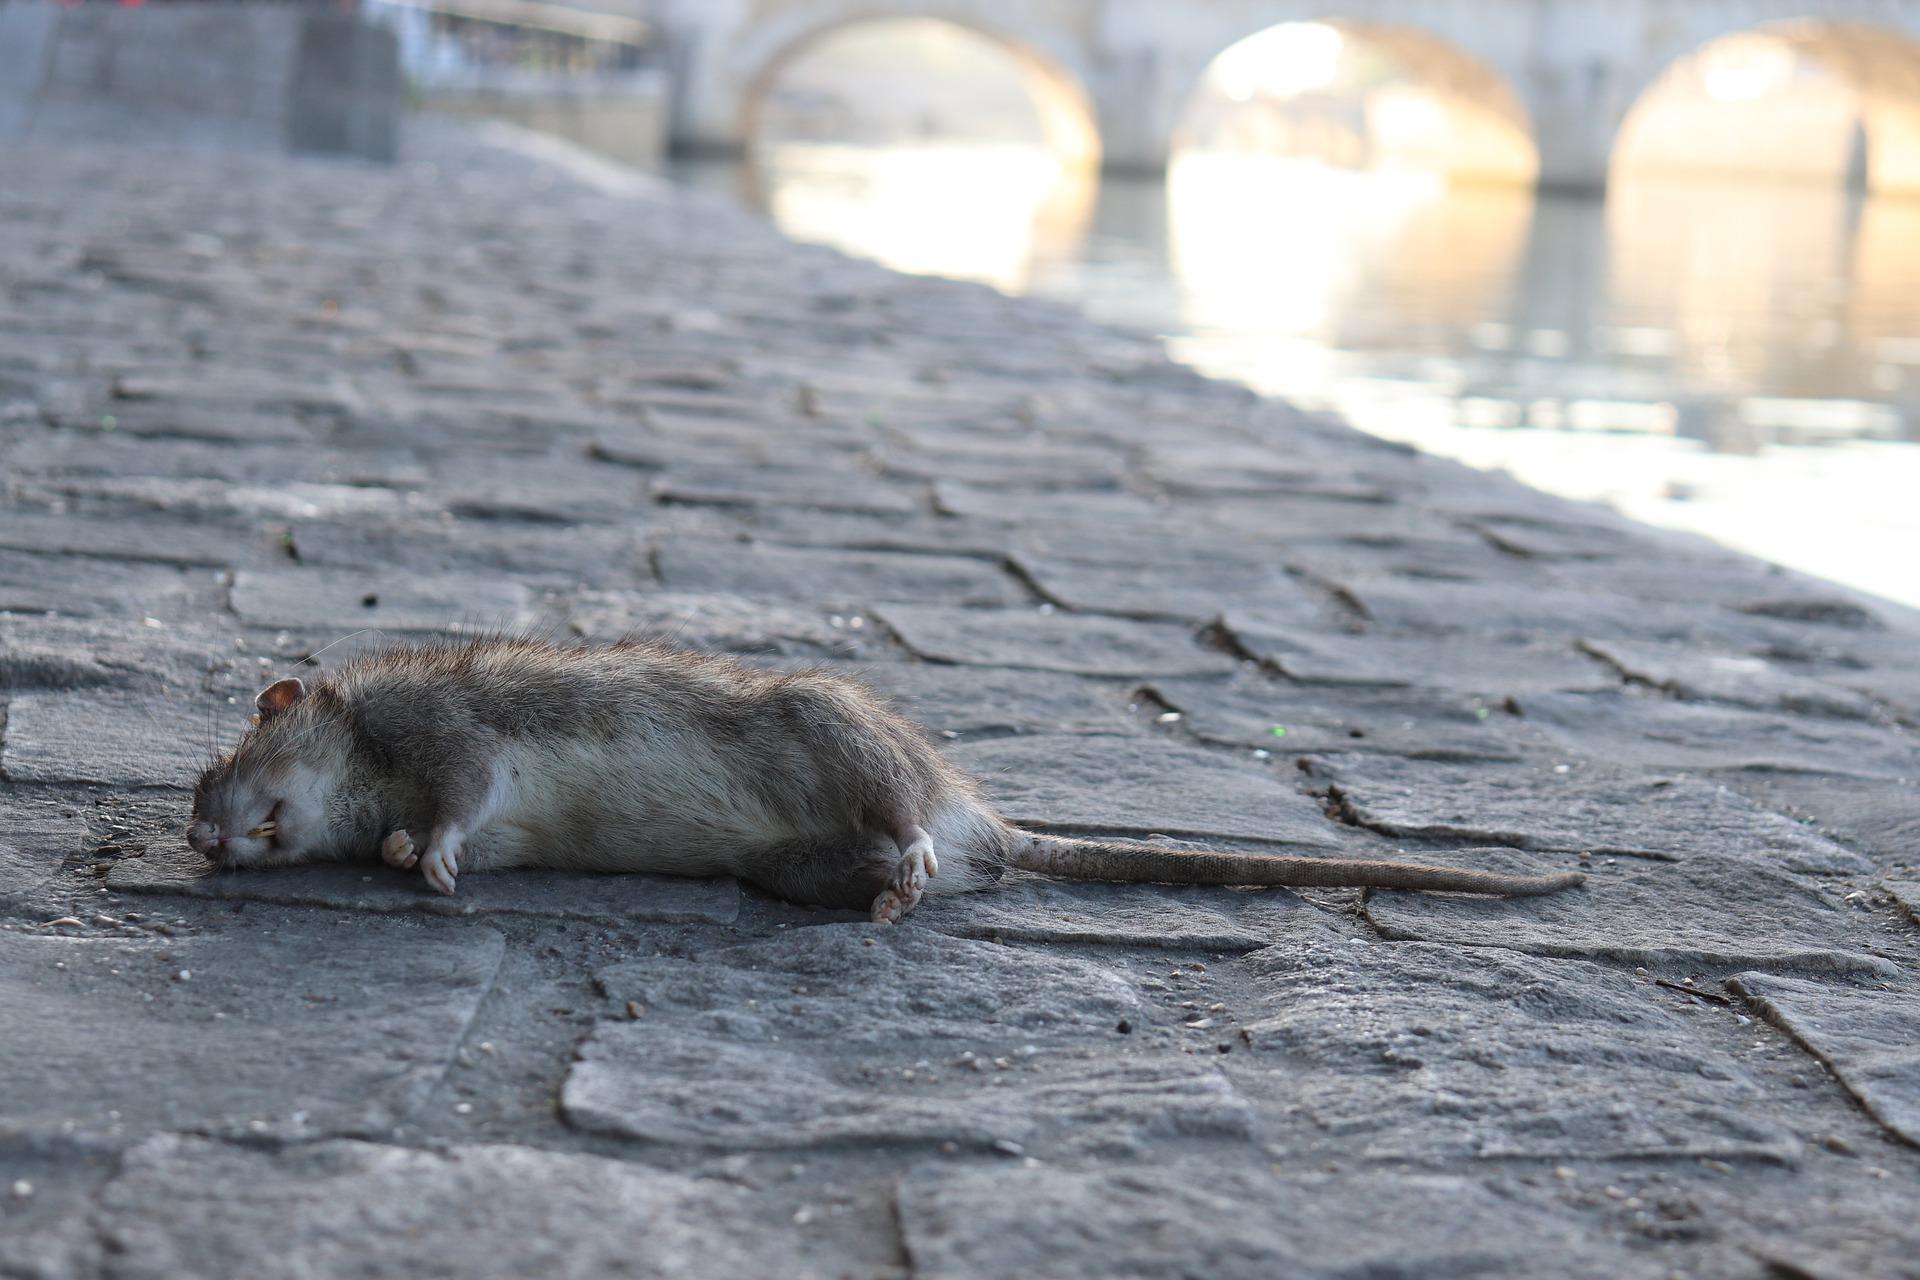 Par Quoi les Rats sont-ils Attirés Dans les Villes et les Maisons